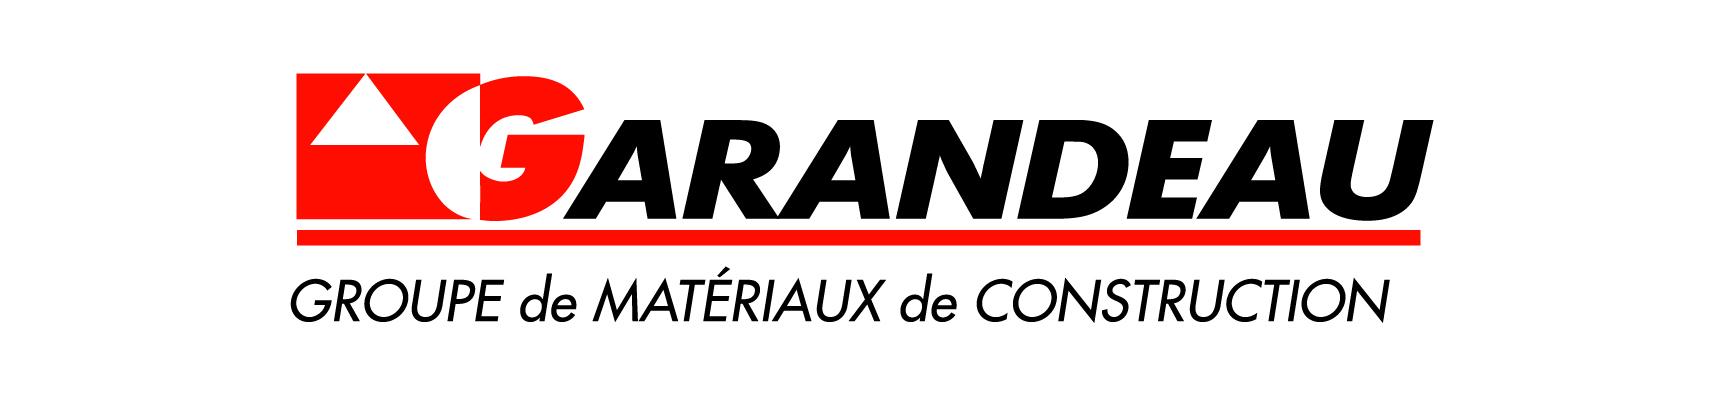 Logo garandeau 2